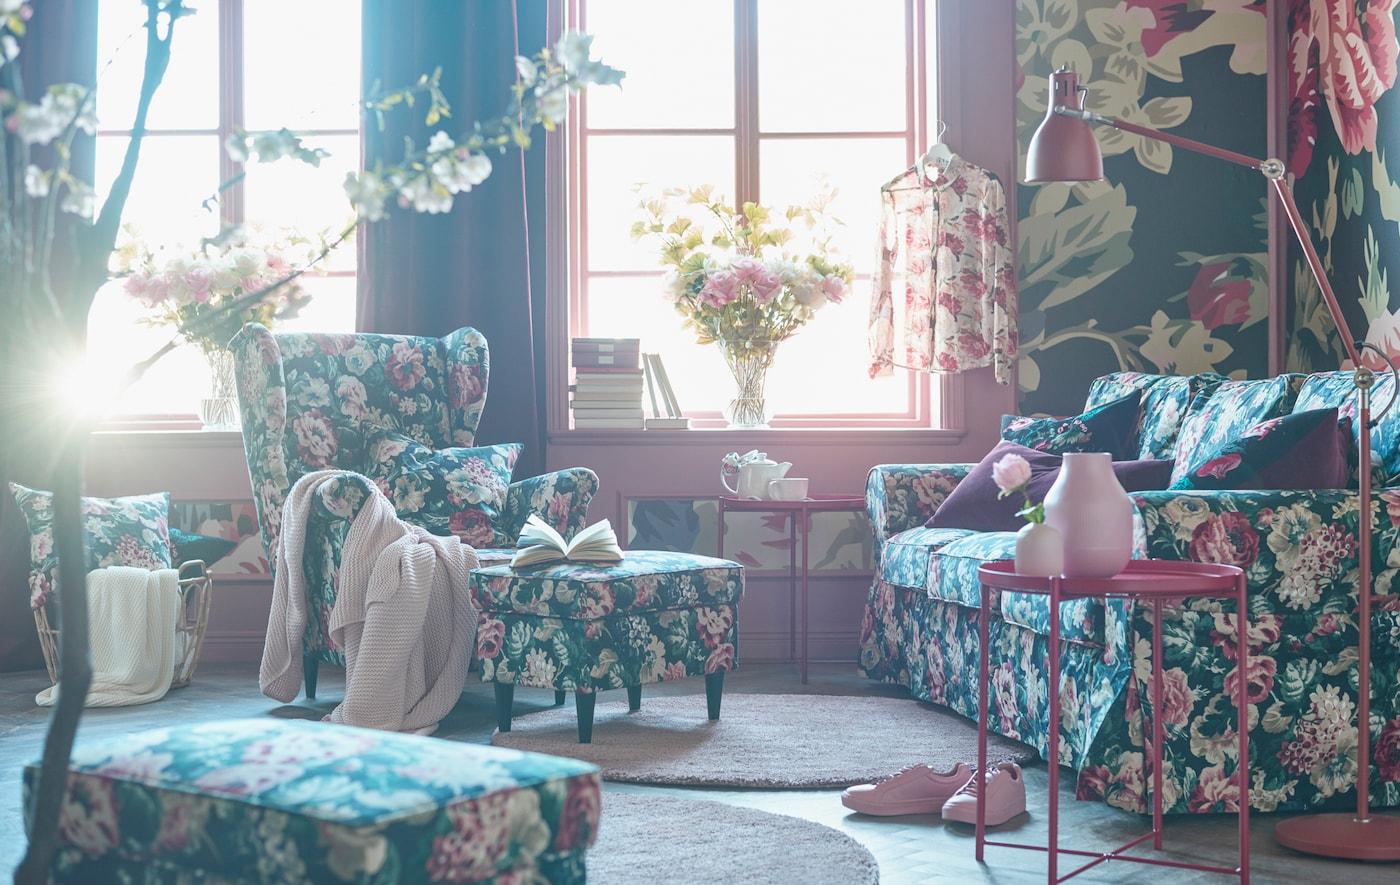 Zitbank met bont bloemenmotief, fauteuil, voetenbank en kussens in een woonkamer met een bont gebloemd behangpapier.